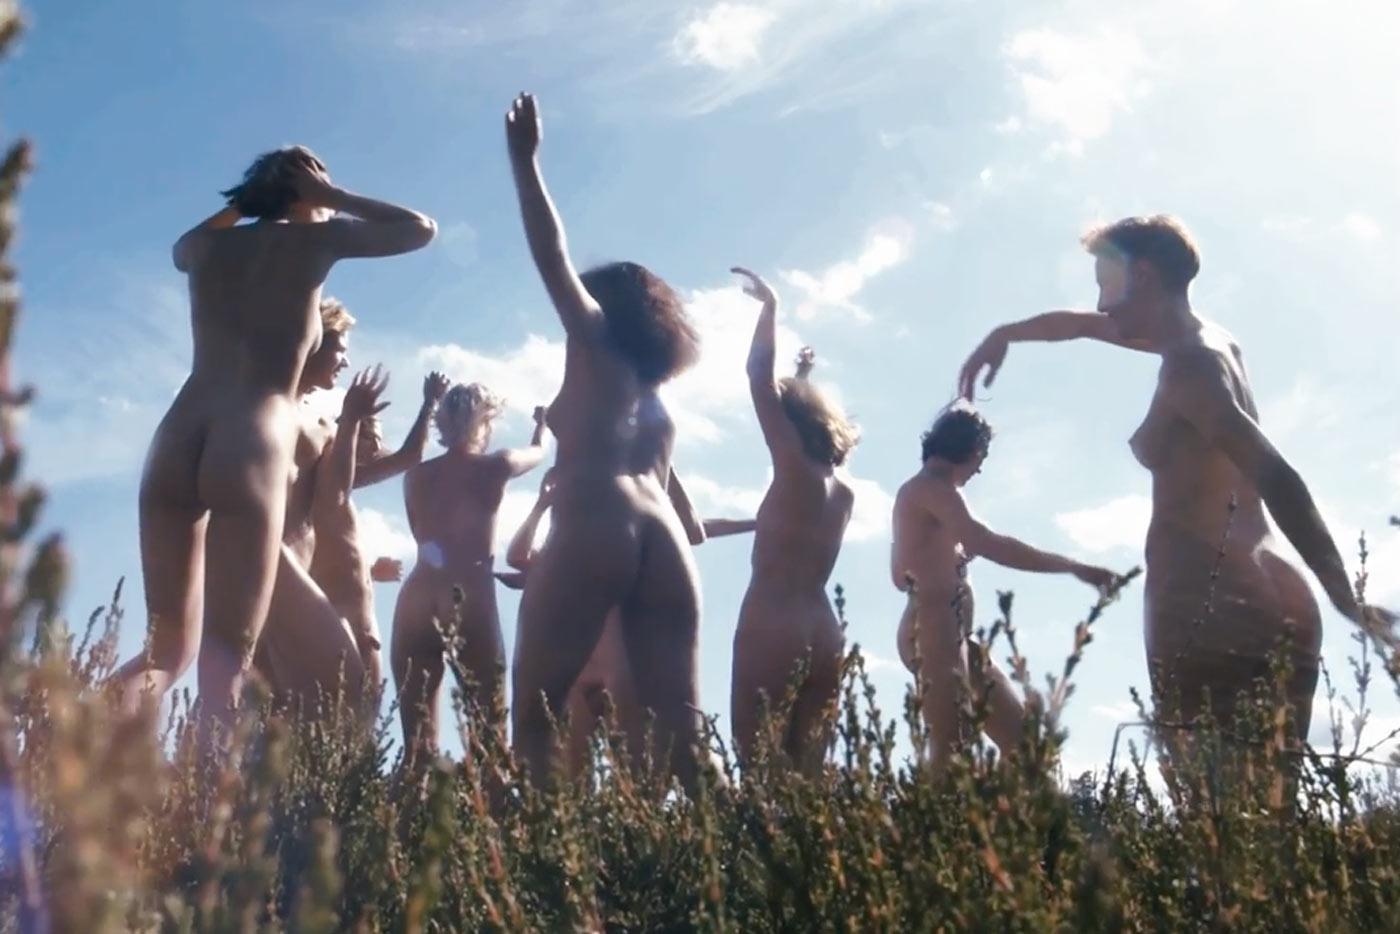 Nudismo, naturaleza y arte en el primer vídeo de LIV